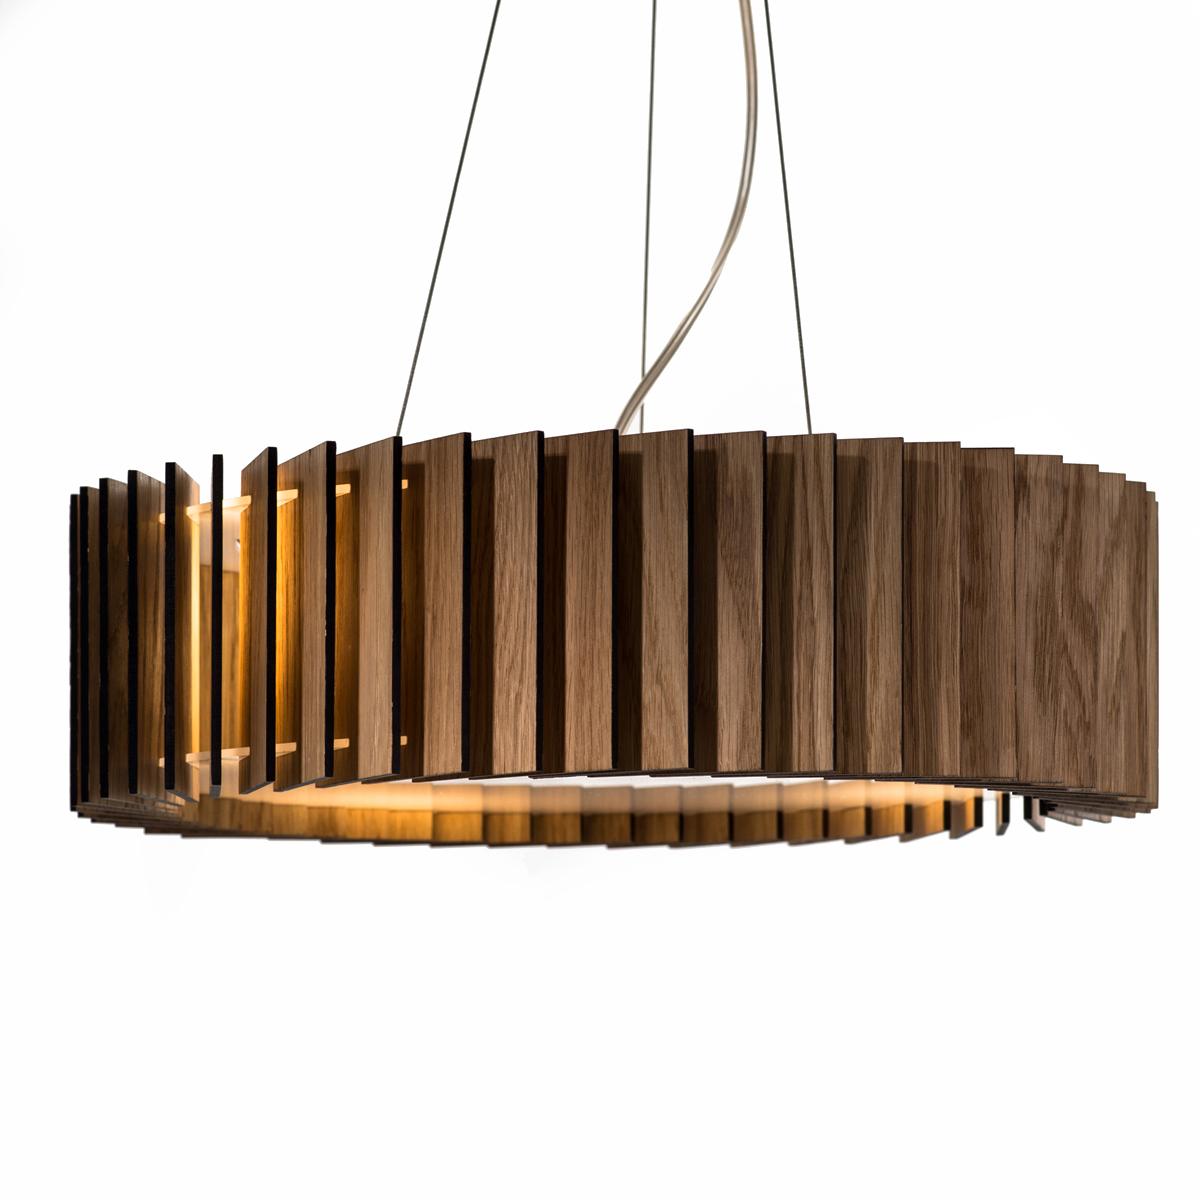 Люстра РоторПодвесные светильники<br>Ротор представляют собой люстру, основание которой изготовлено из акрилового матового стекла, деревянные пластины выполнены из шпона дуба и покрыты защитными маслами и воском. Светильник оснащён 4 патронами для светодиодных лампочек, что обеспечит яркий поток света для всего помещения. Свет проходит через деревянные лопасти, направленные под углом, и рождает впечатляющие узоры на стенах. А когда светильник выключен, он становится элементом декора интерьера.&amp;amp;nbsp;&amp;lt;div&amp;gt;&amp;lt;br&amp;gt;&amp;lt;/div&amp;gt;&amp;lt;div&amp;gt;&amp;lt;div&amp;gt;Тип цоколя: E27&amp;lt;/div&amp;gt;&amp;lt;div&amp;gt;Мощность: 9W&amp;lt;/div&amp;gt;&amp;lt;div&amp;gt;Кол-во ламп: 1 (нет в комплекте)&amp;lt;/div&amp;gt;&amp;lt;/div&amp;gt;<br><br>Material: Дерево